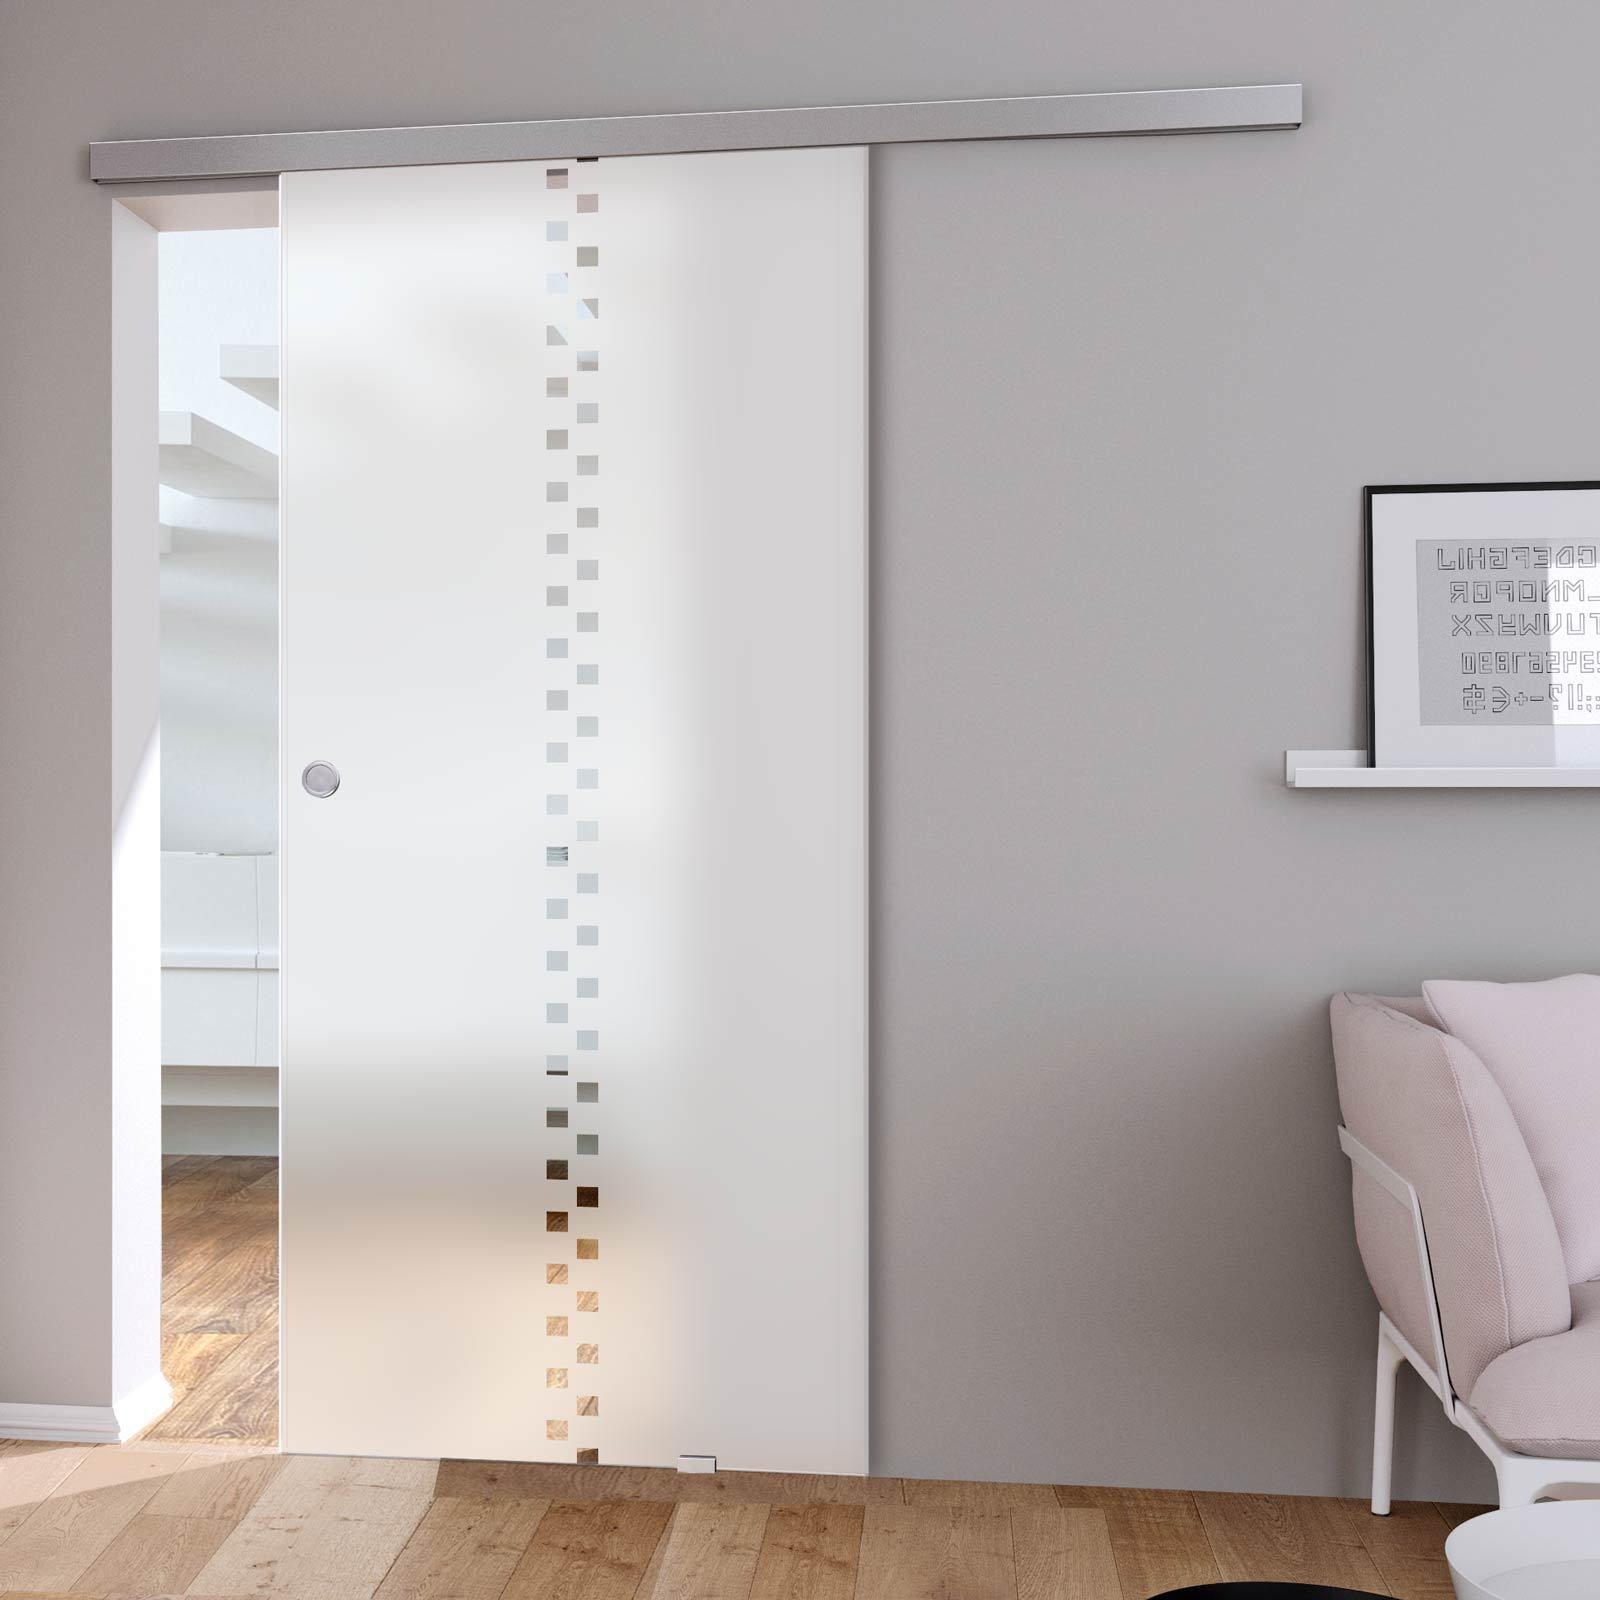 Bilston 8mm Obscure Glass Clear Printed Design Glassdoor Framelessdoor Glass Doors Interior Sliding Glass Door Glass Door